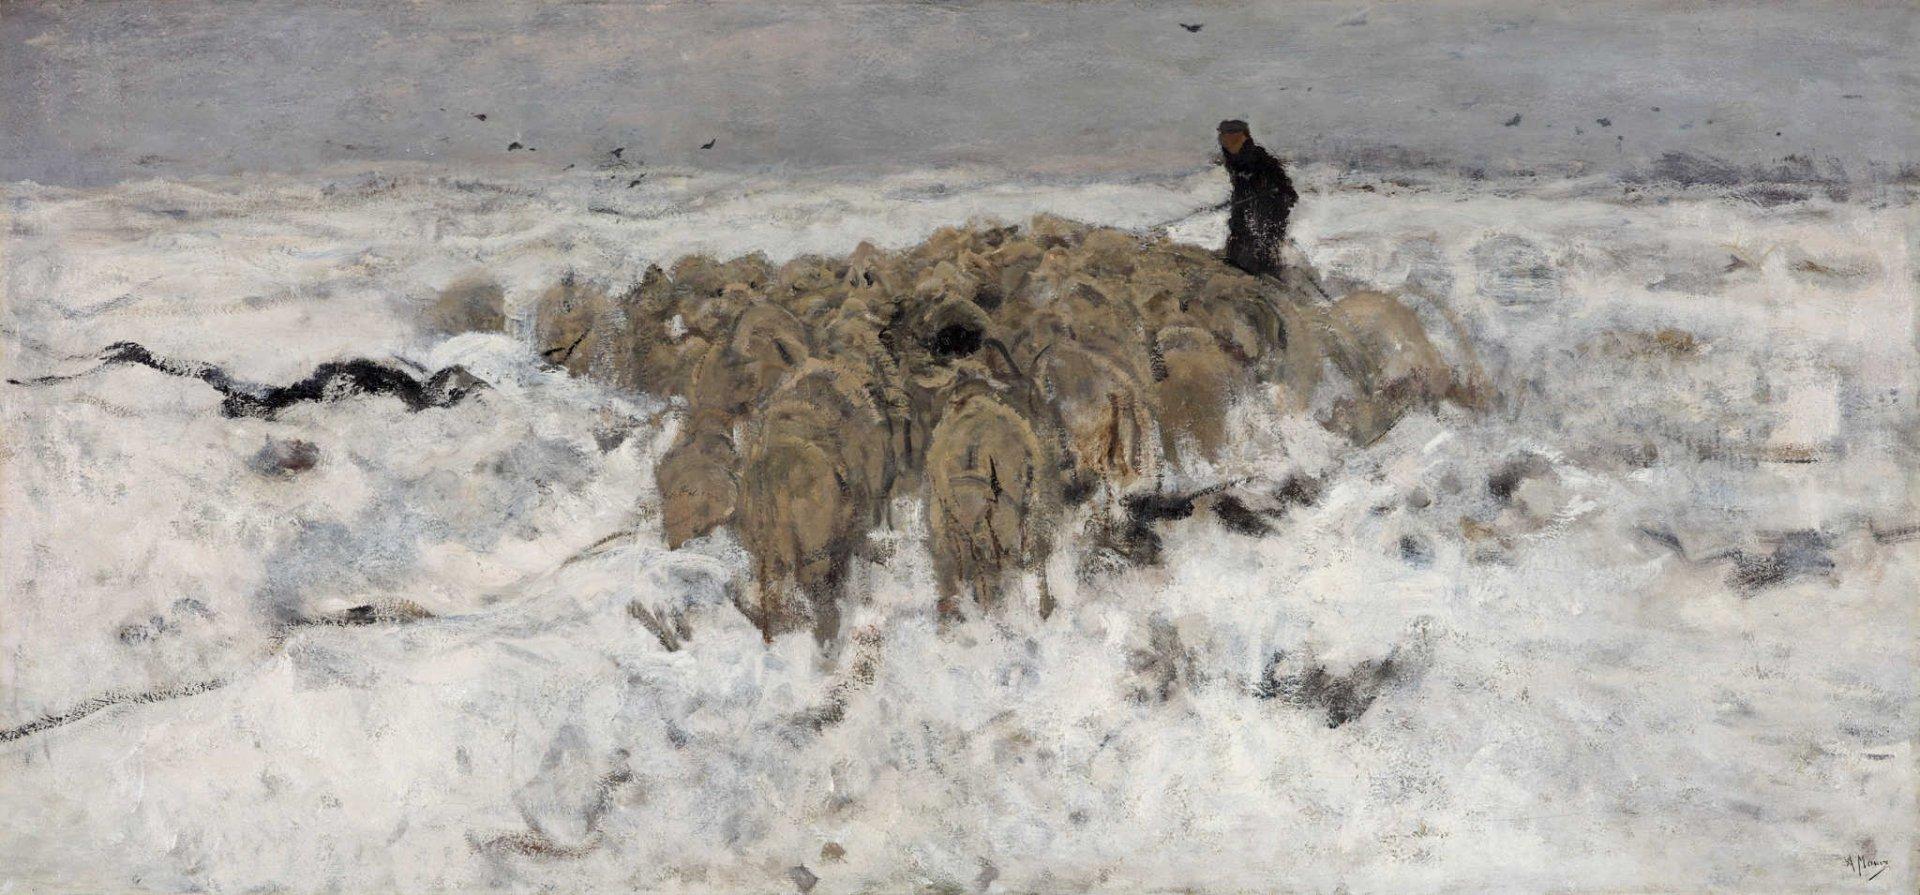 1888_flock_of_sheep_with_shepherd_in_the_snow_2k.jpg